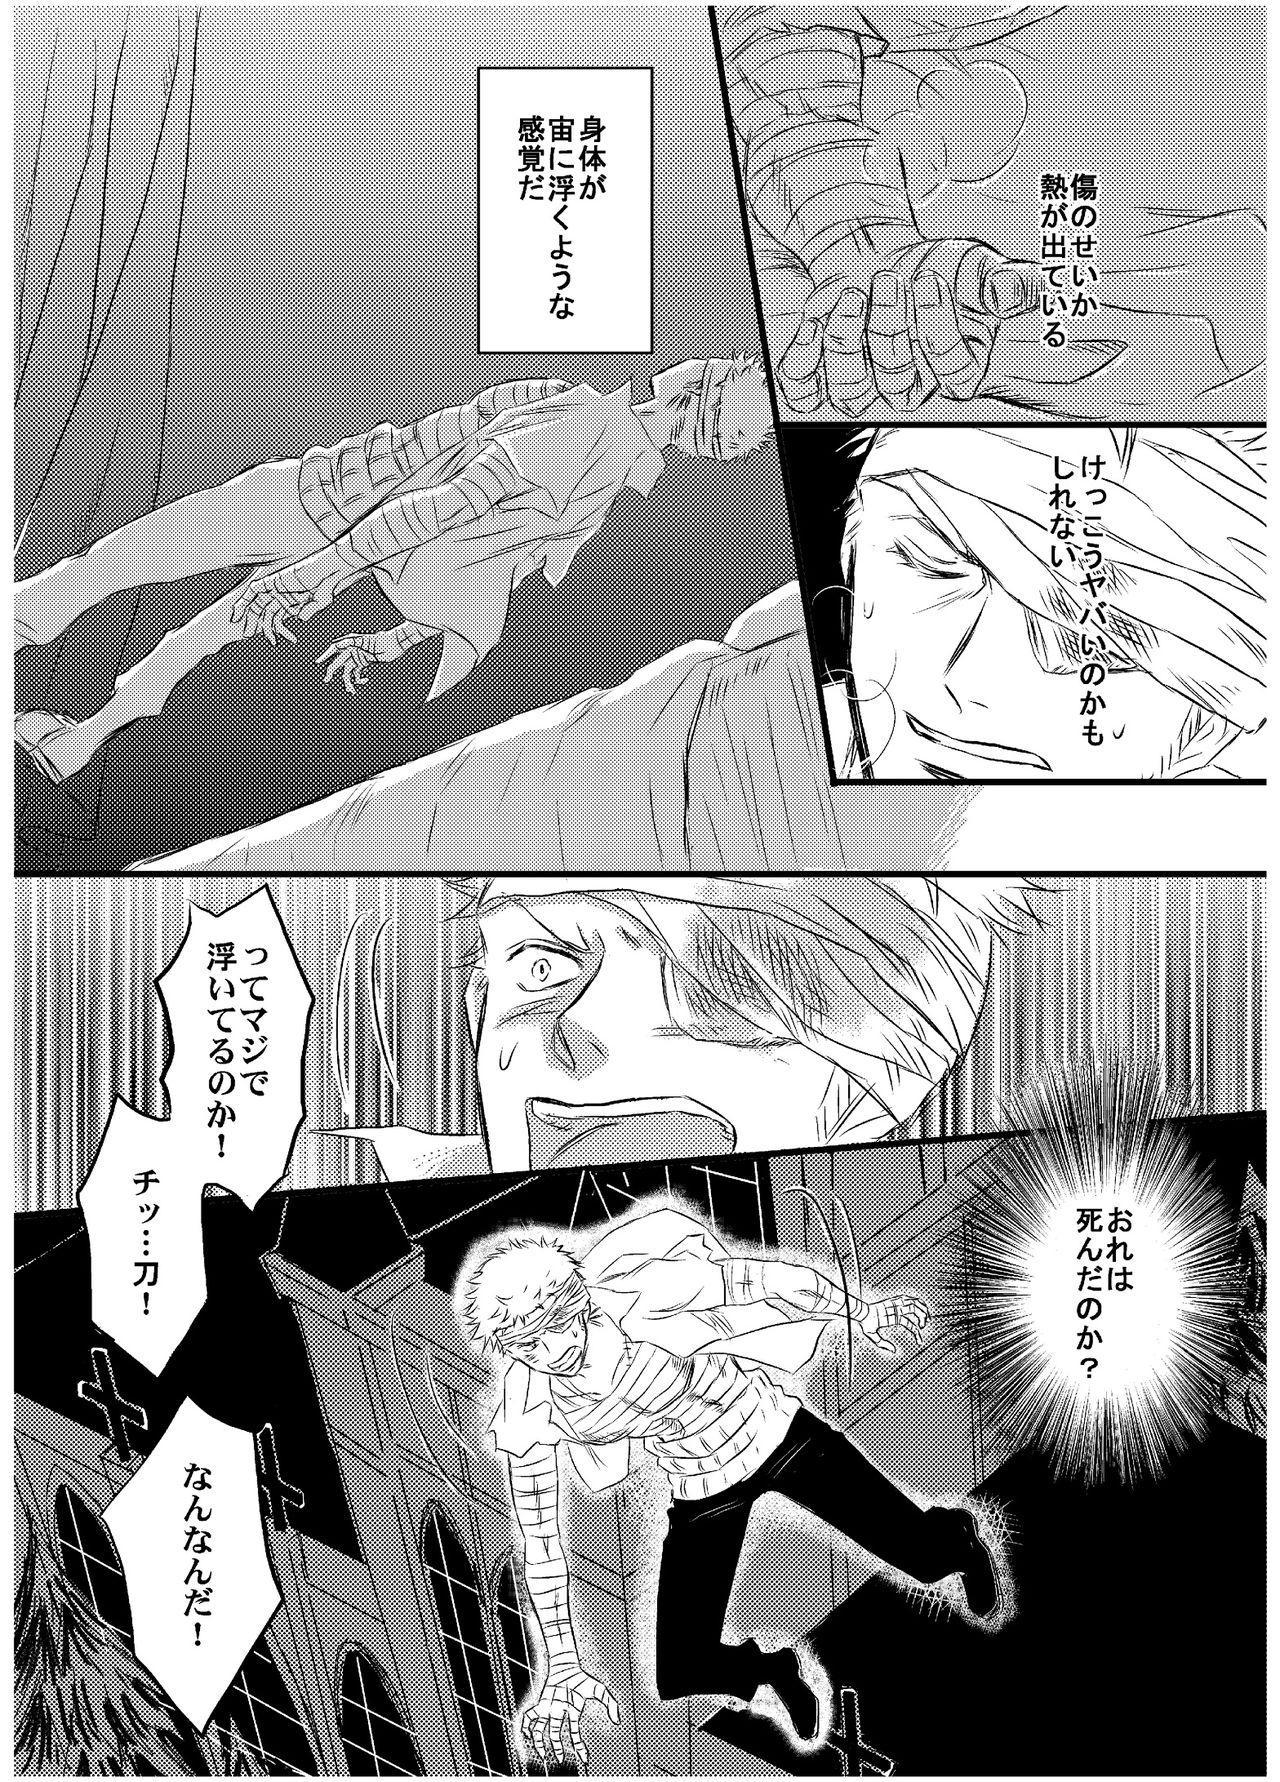 Inryoku de Hanasanai 17